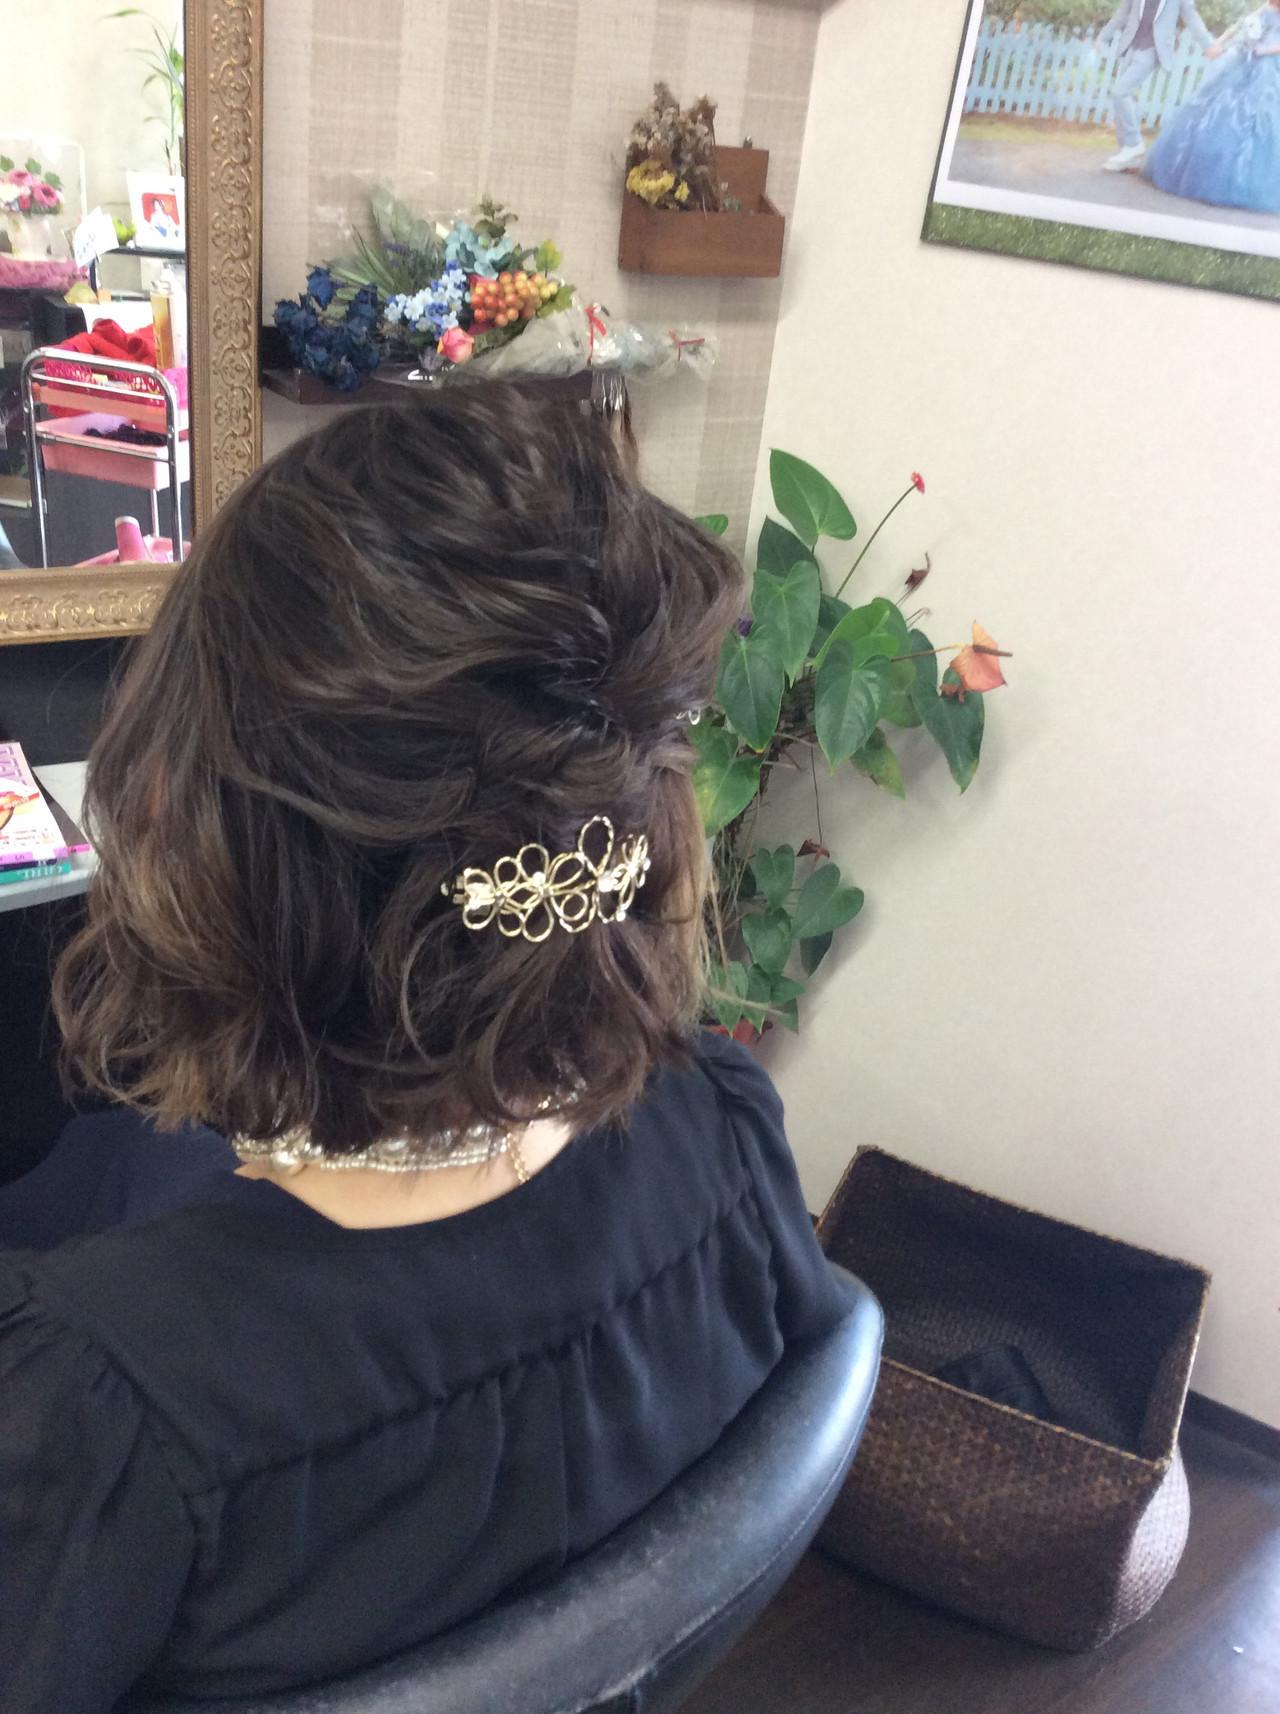 ボブ 簡単ヘアアレンジ 結婚式 ヘアアレンジ ヘアスタイルや髪型の写真・画像